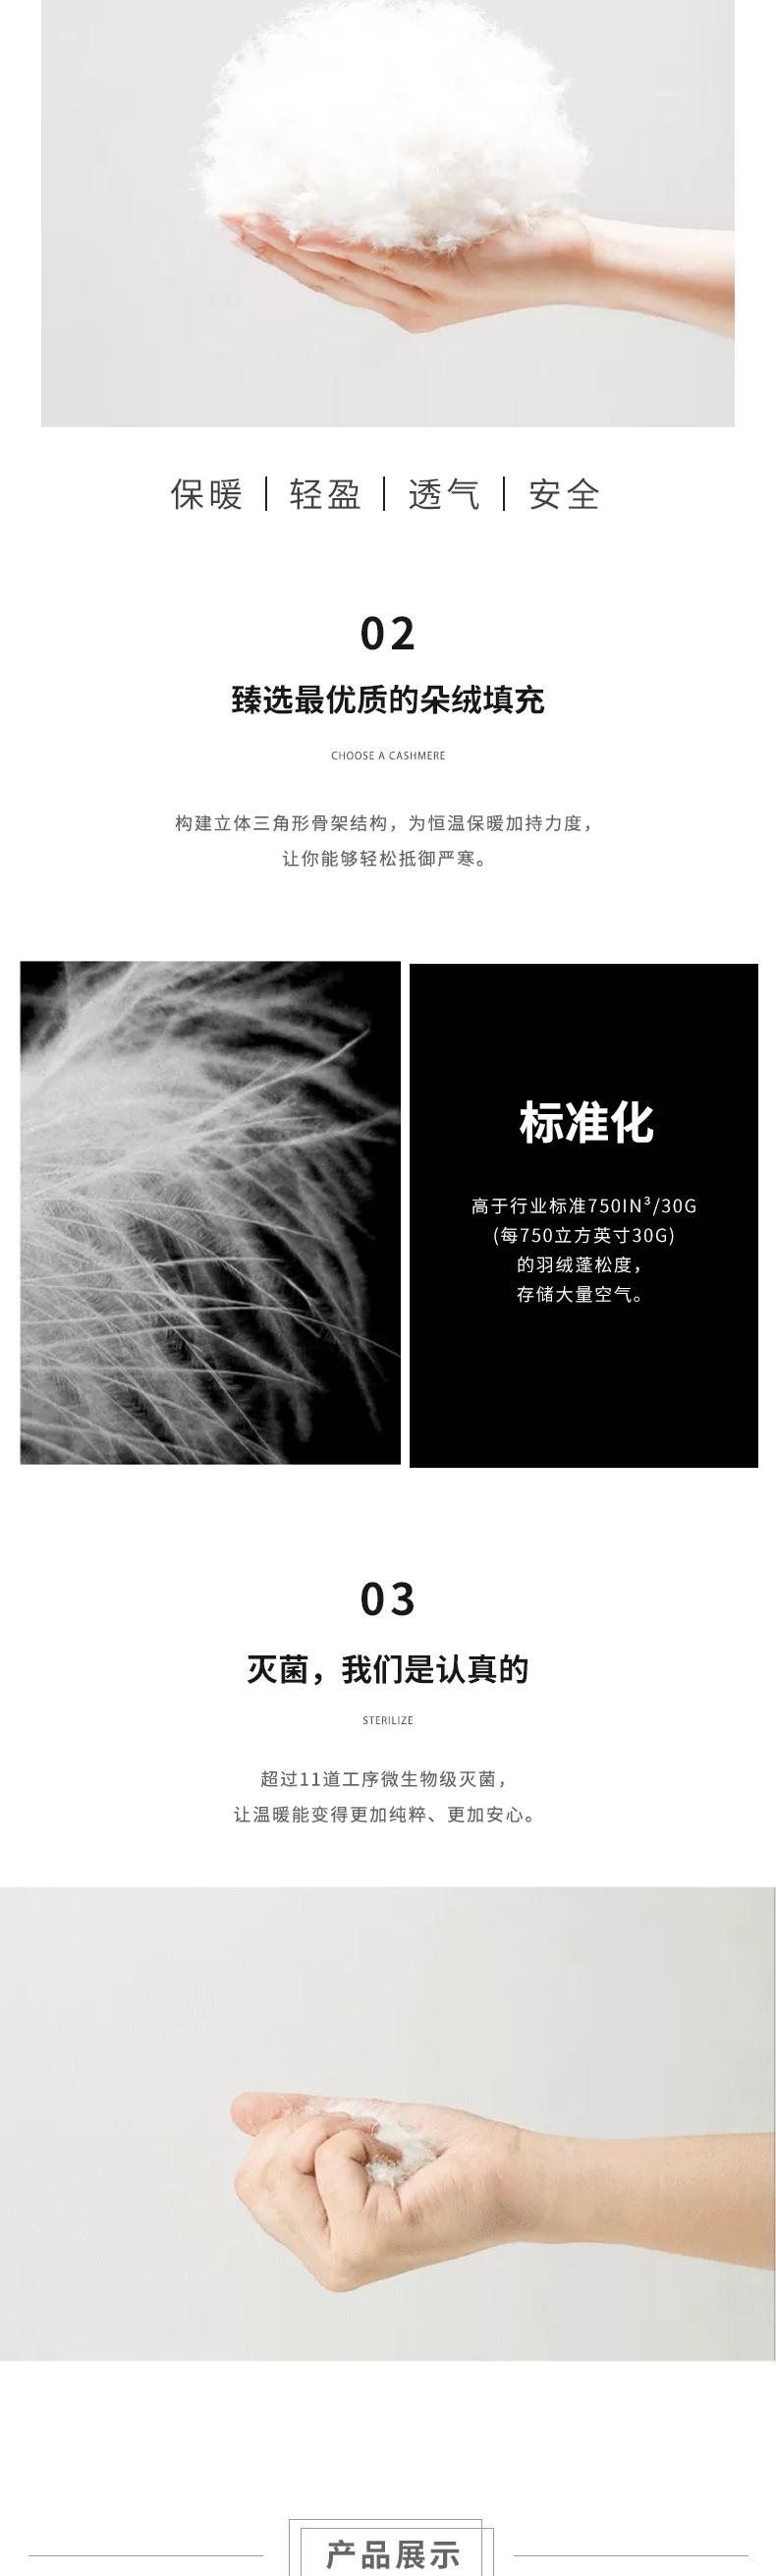 鹅绒模板_02.jpg